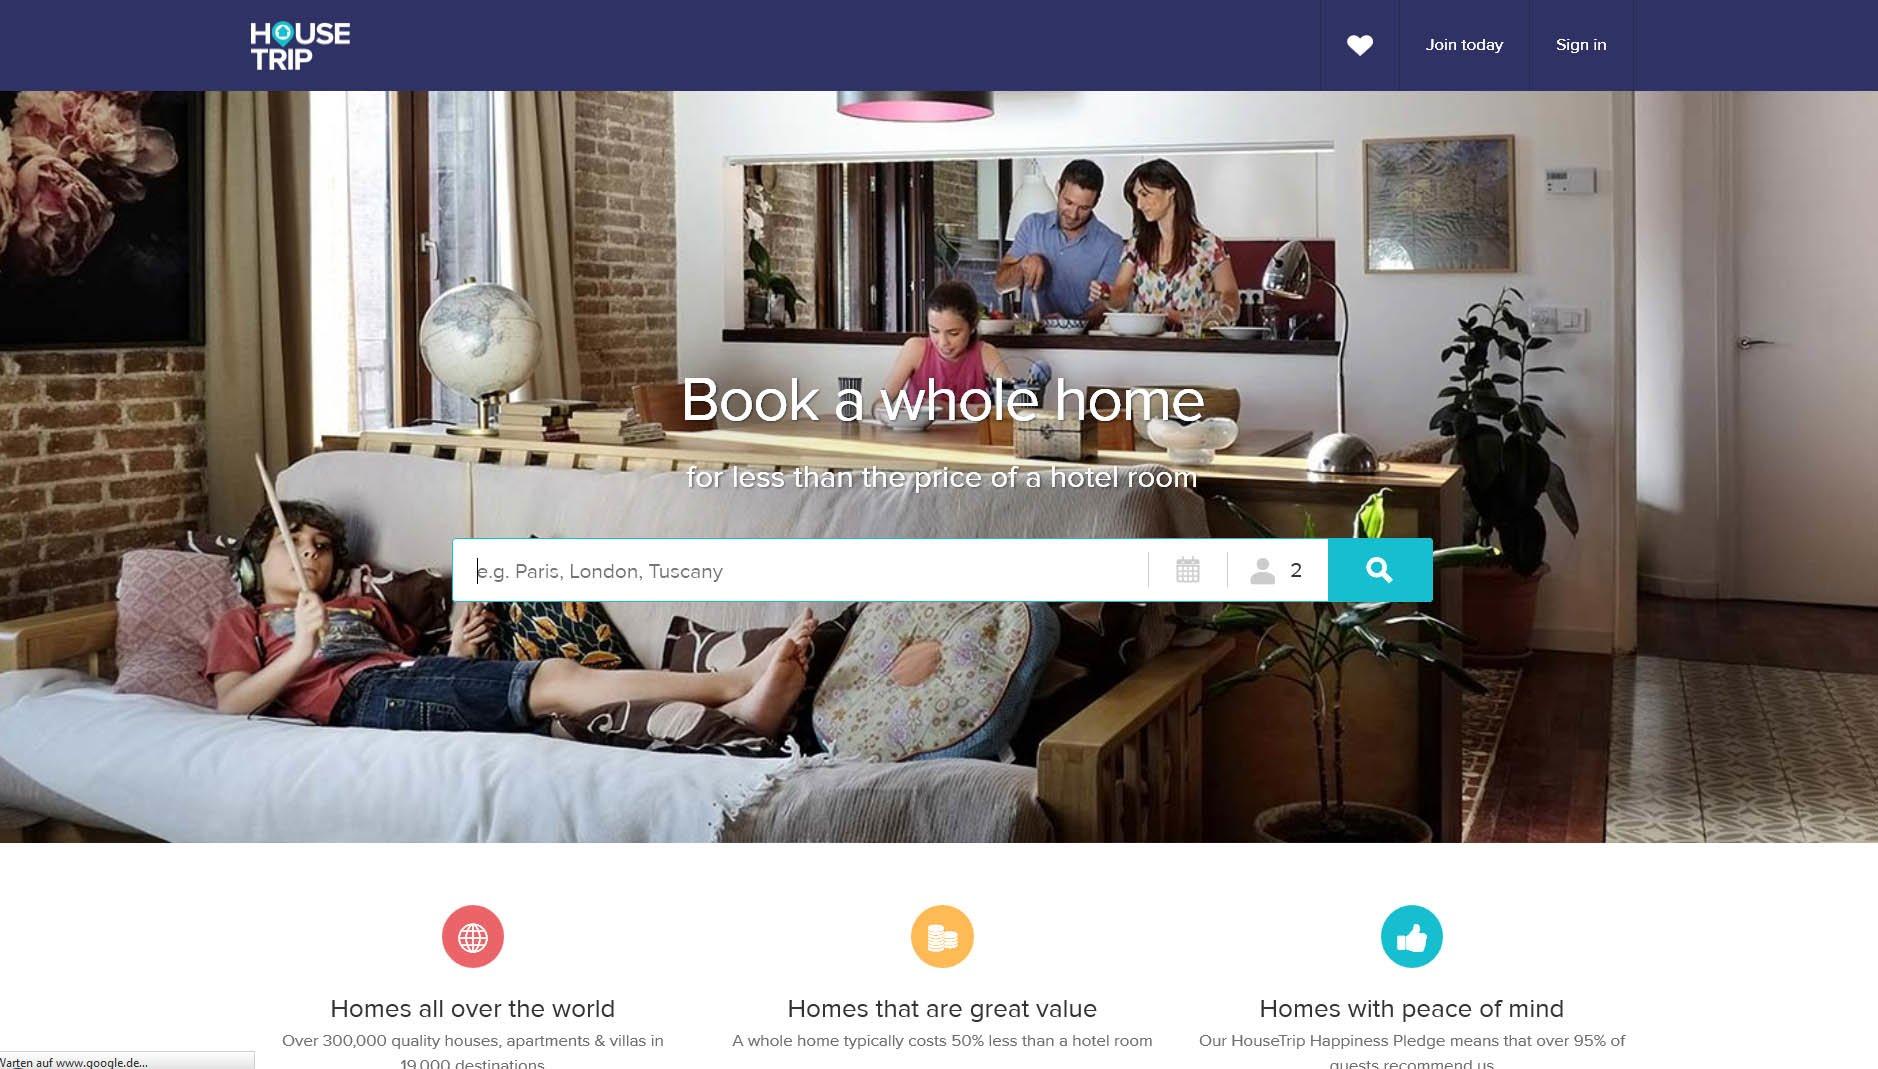 Housetrip.com © Housetrip.com